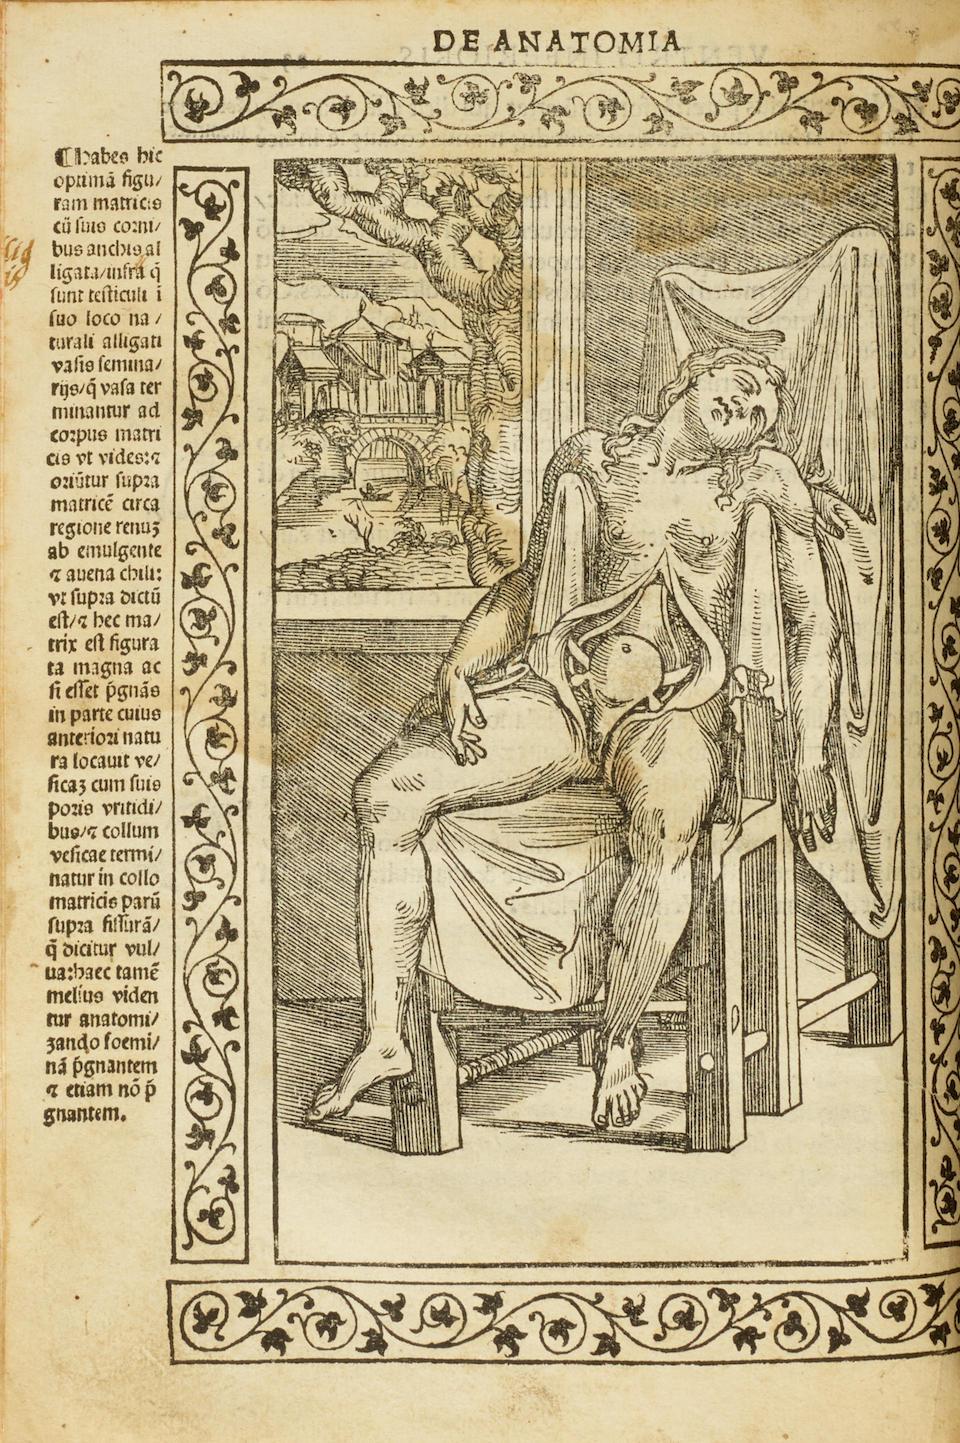 BERENGARIO DA CARPI, GIACOMO. 1460-1530.  Isagogae breves perlucide ac uberrimae in Anatomiam humani corporis.  Bologna: Benedictus Hectoris, 15 July 1523.